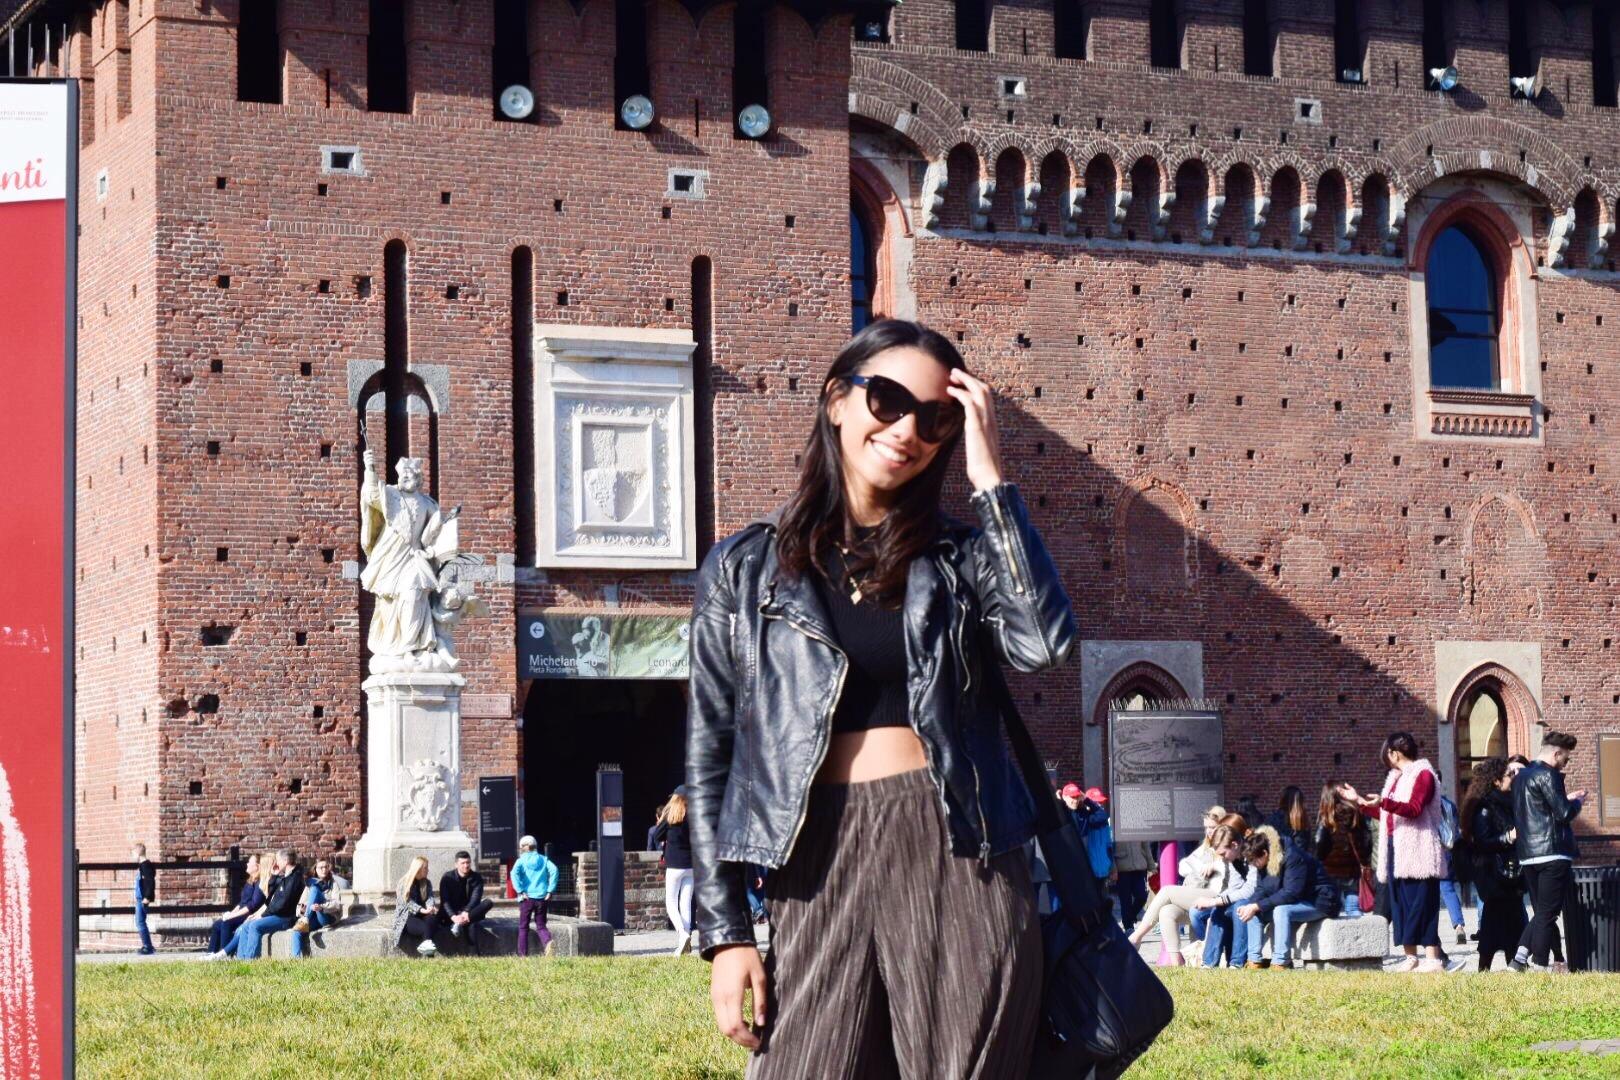 Corinne Foxx walks around Milan